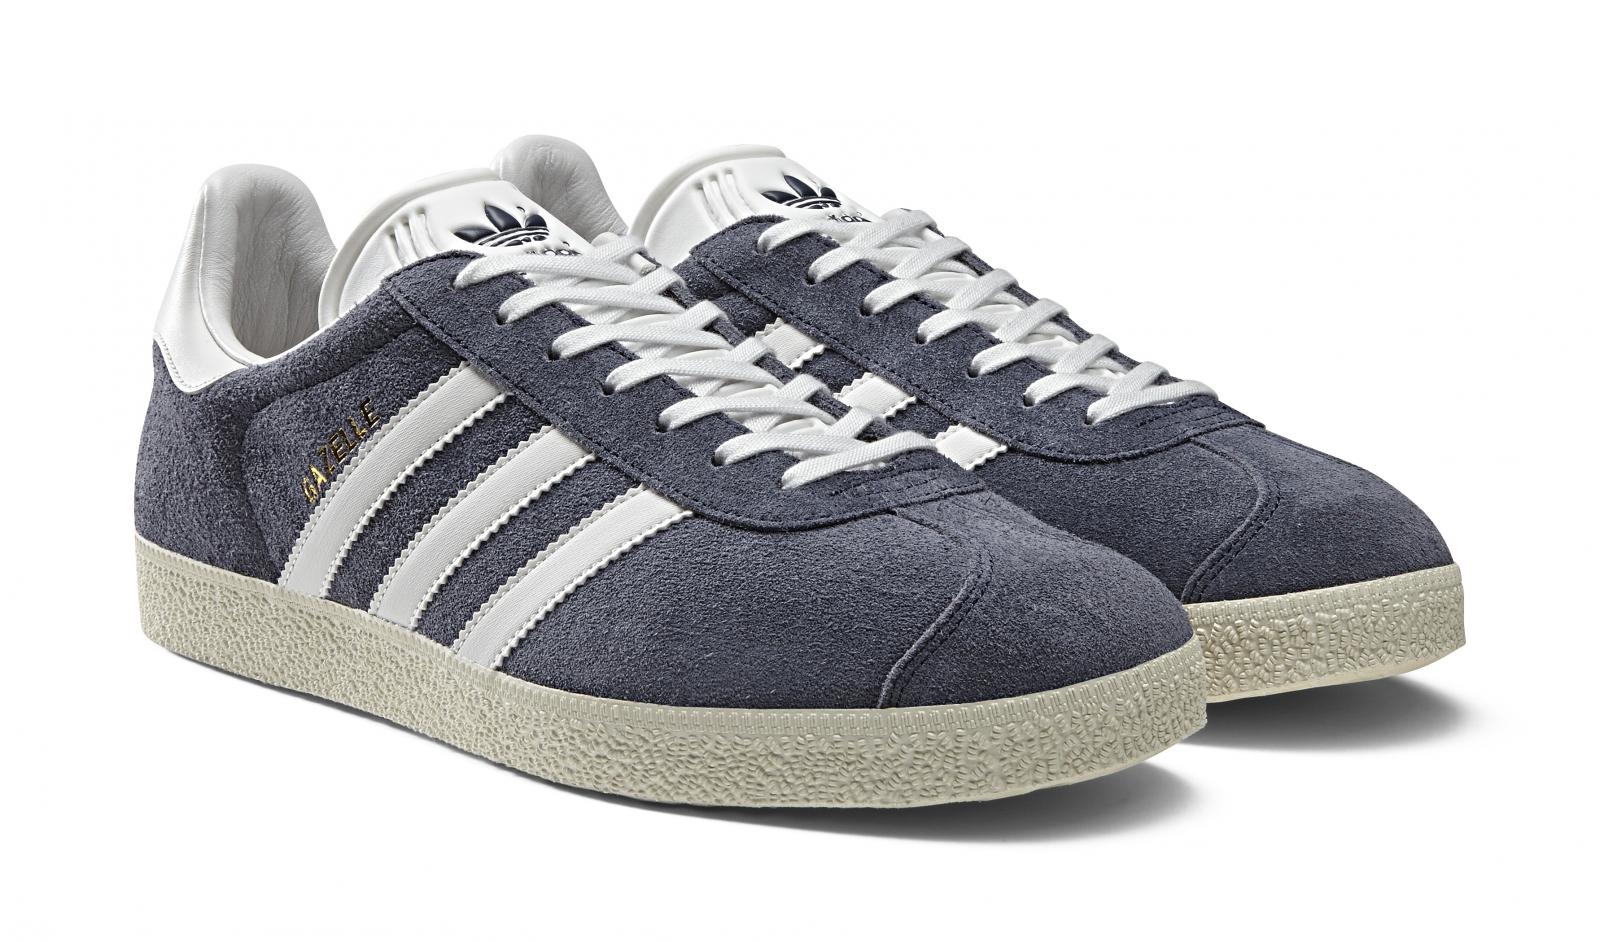 adidas Originals Gazelle OG Shade Grey